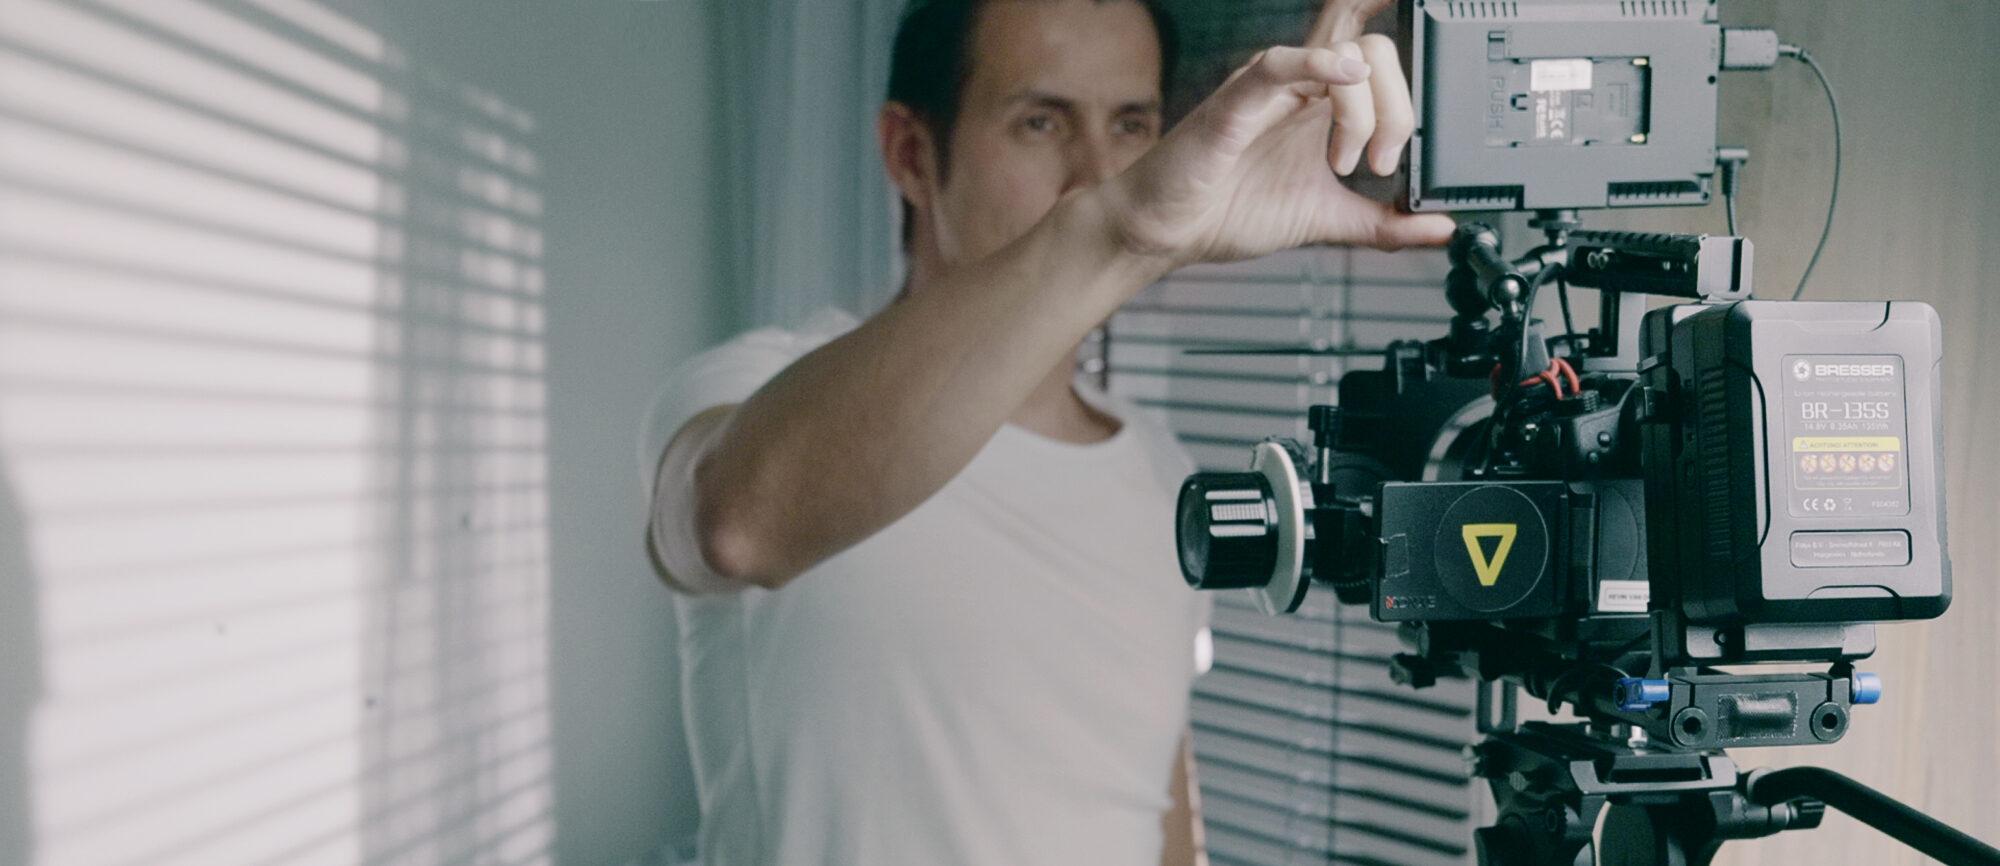 kevin van diest videografie workshop